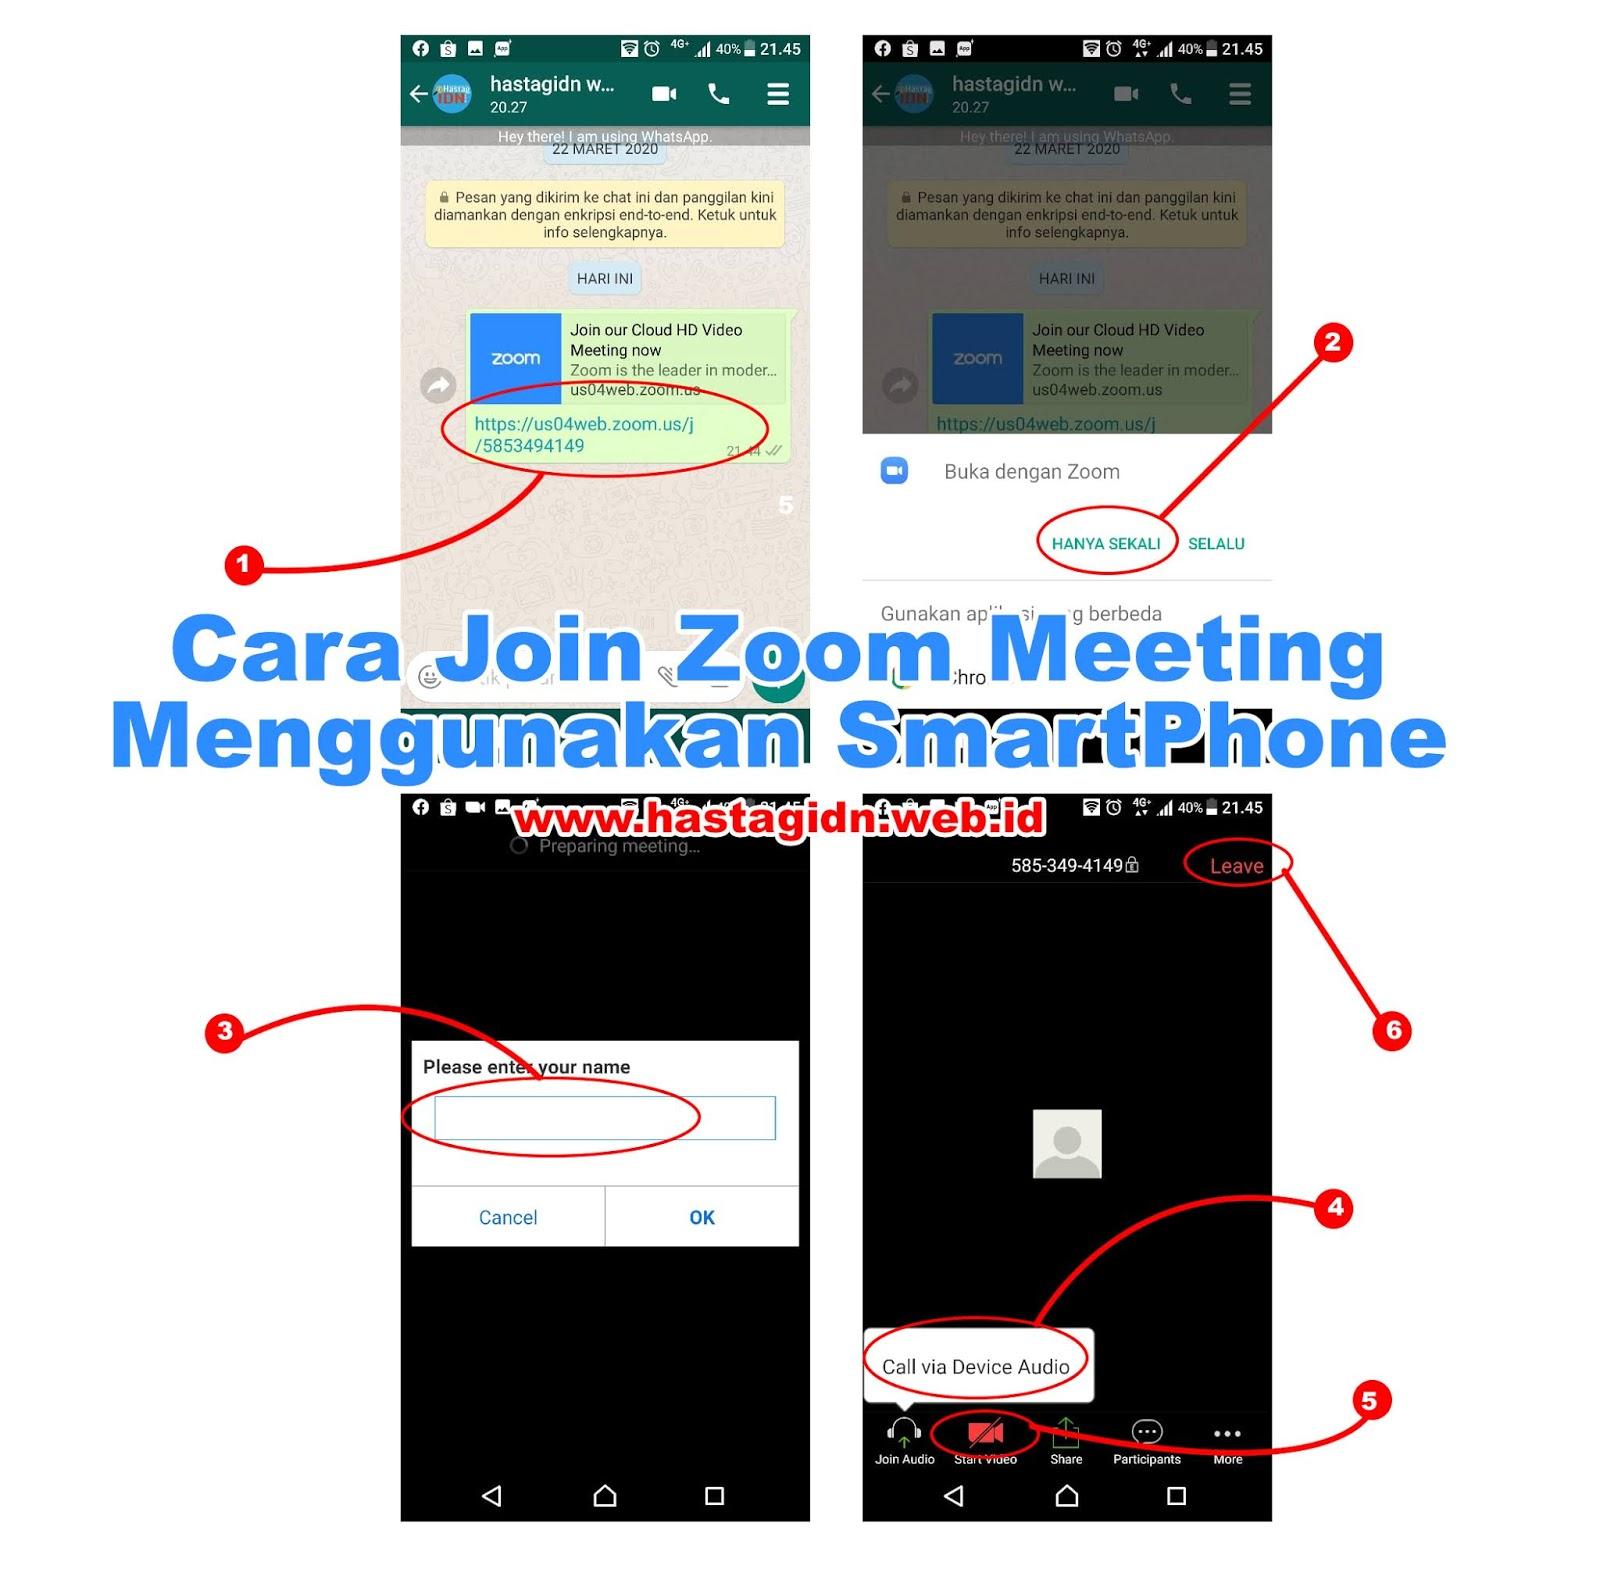 Cara Join Zoom Meeting Menggunkan Smarphone